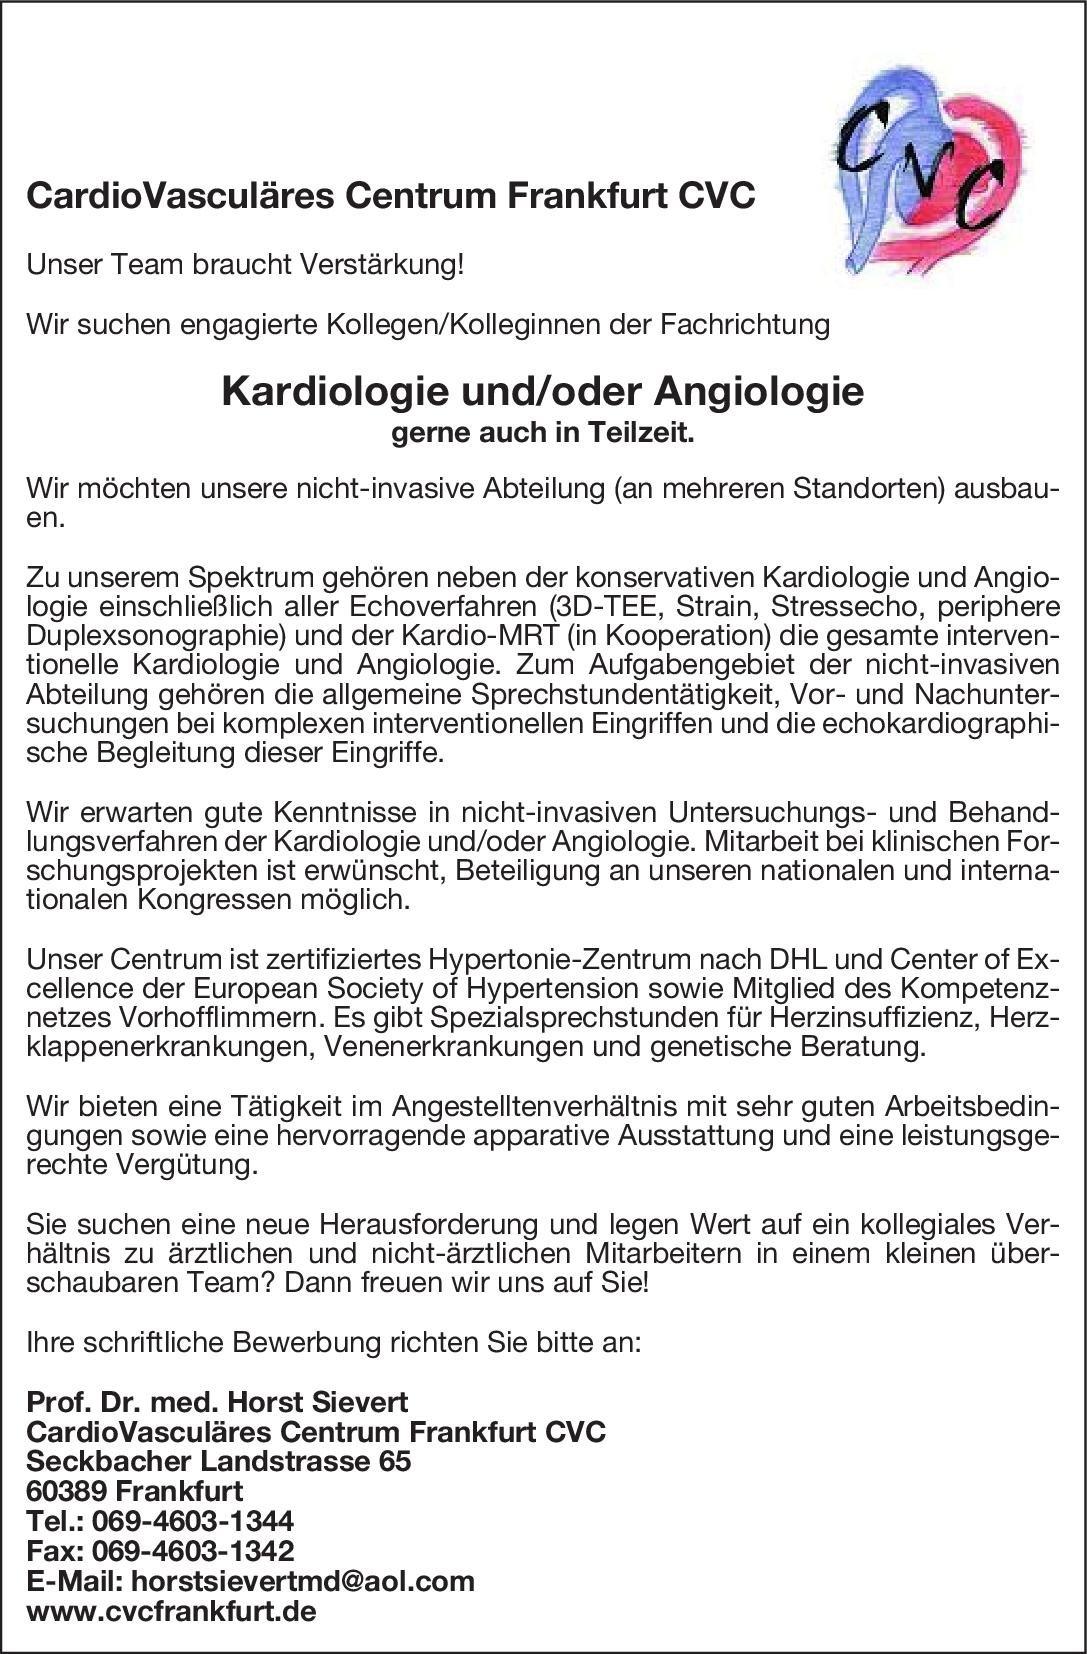 CardioVasculäres Centrum Frankfurt CVC Kardiologie und/oder Angiologie  Innere Medizin und Angiologie, Innere Medizin und Kardiologie, Innere Medizin Arzt / Facharzt